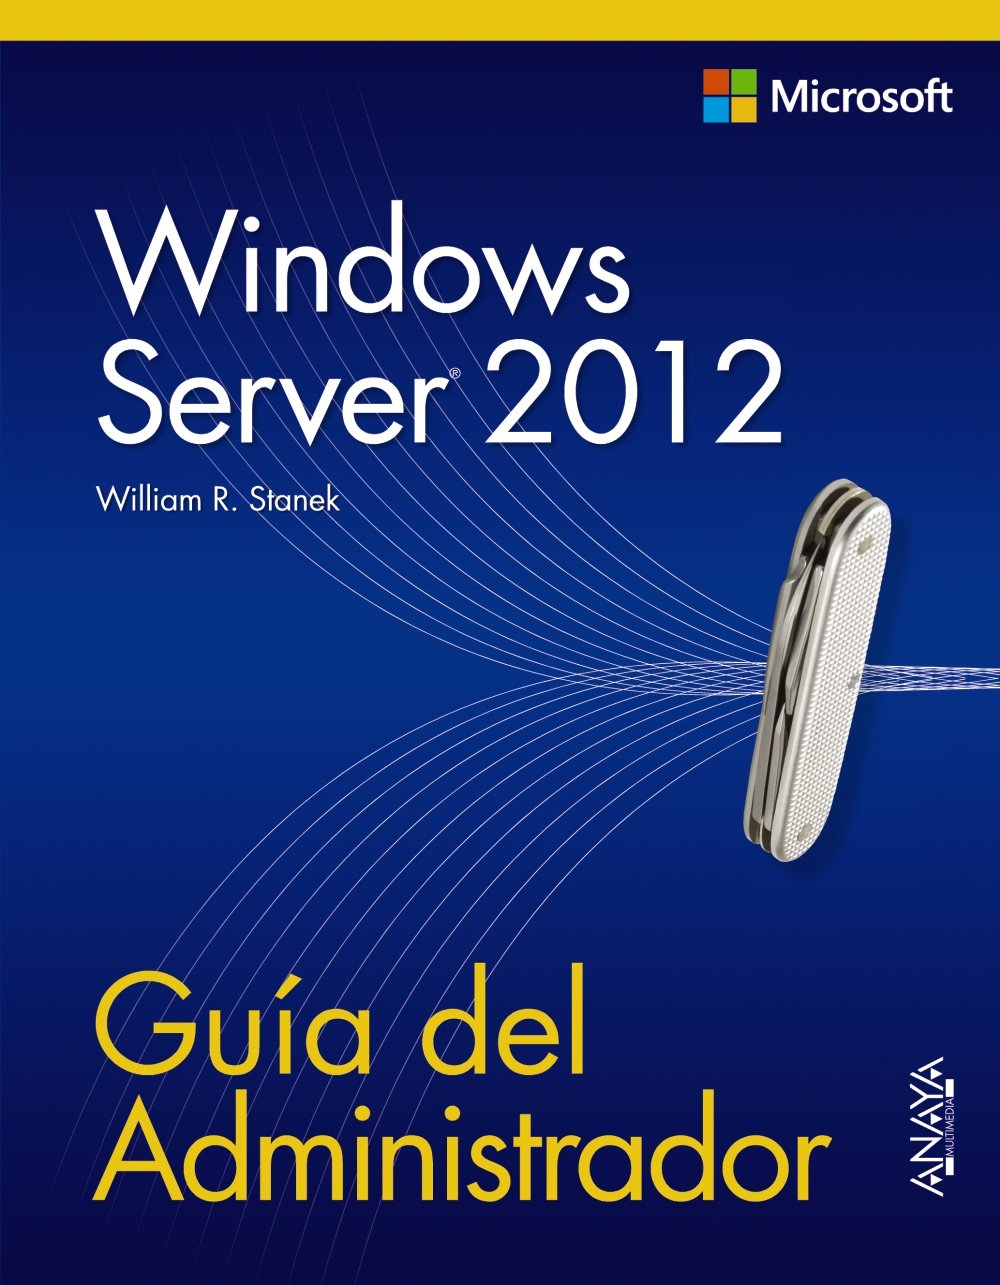 Windows Server 2012. Guía del Administrador (Manuales Técnicos) Tapa blanda – 19 feb 2013 William R. Stanek Anaya 8441533393 Computer Science